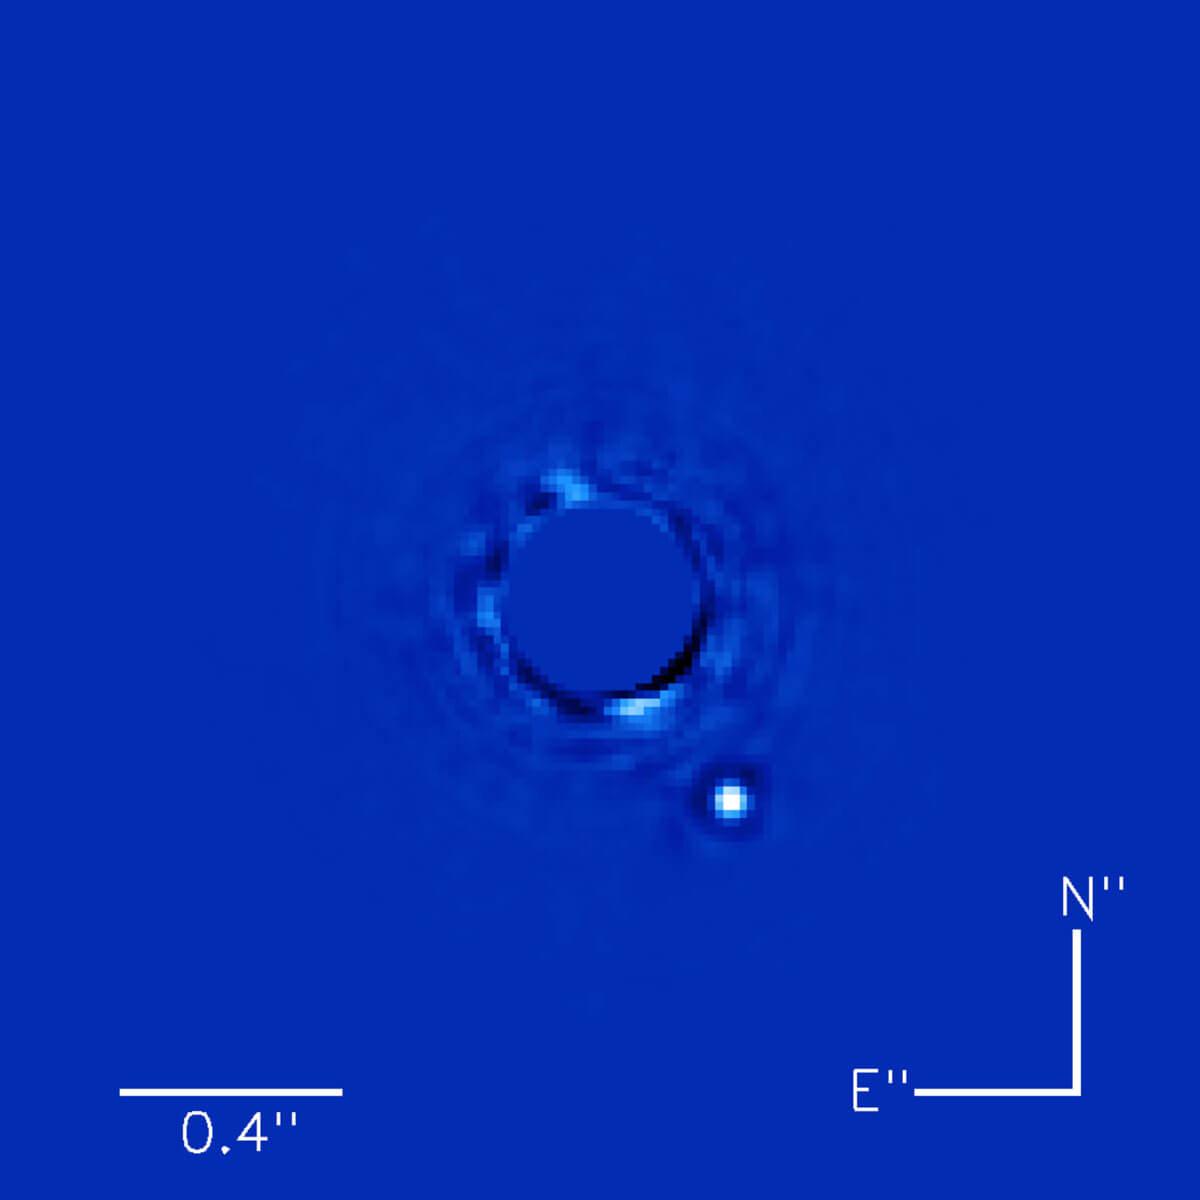 #фото дня| Лучшая в истории астрономии фотография экзопланеты